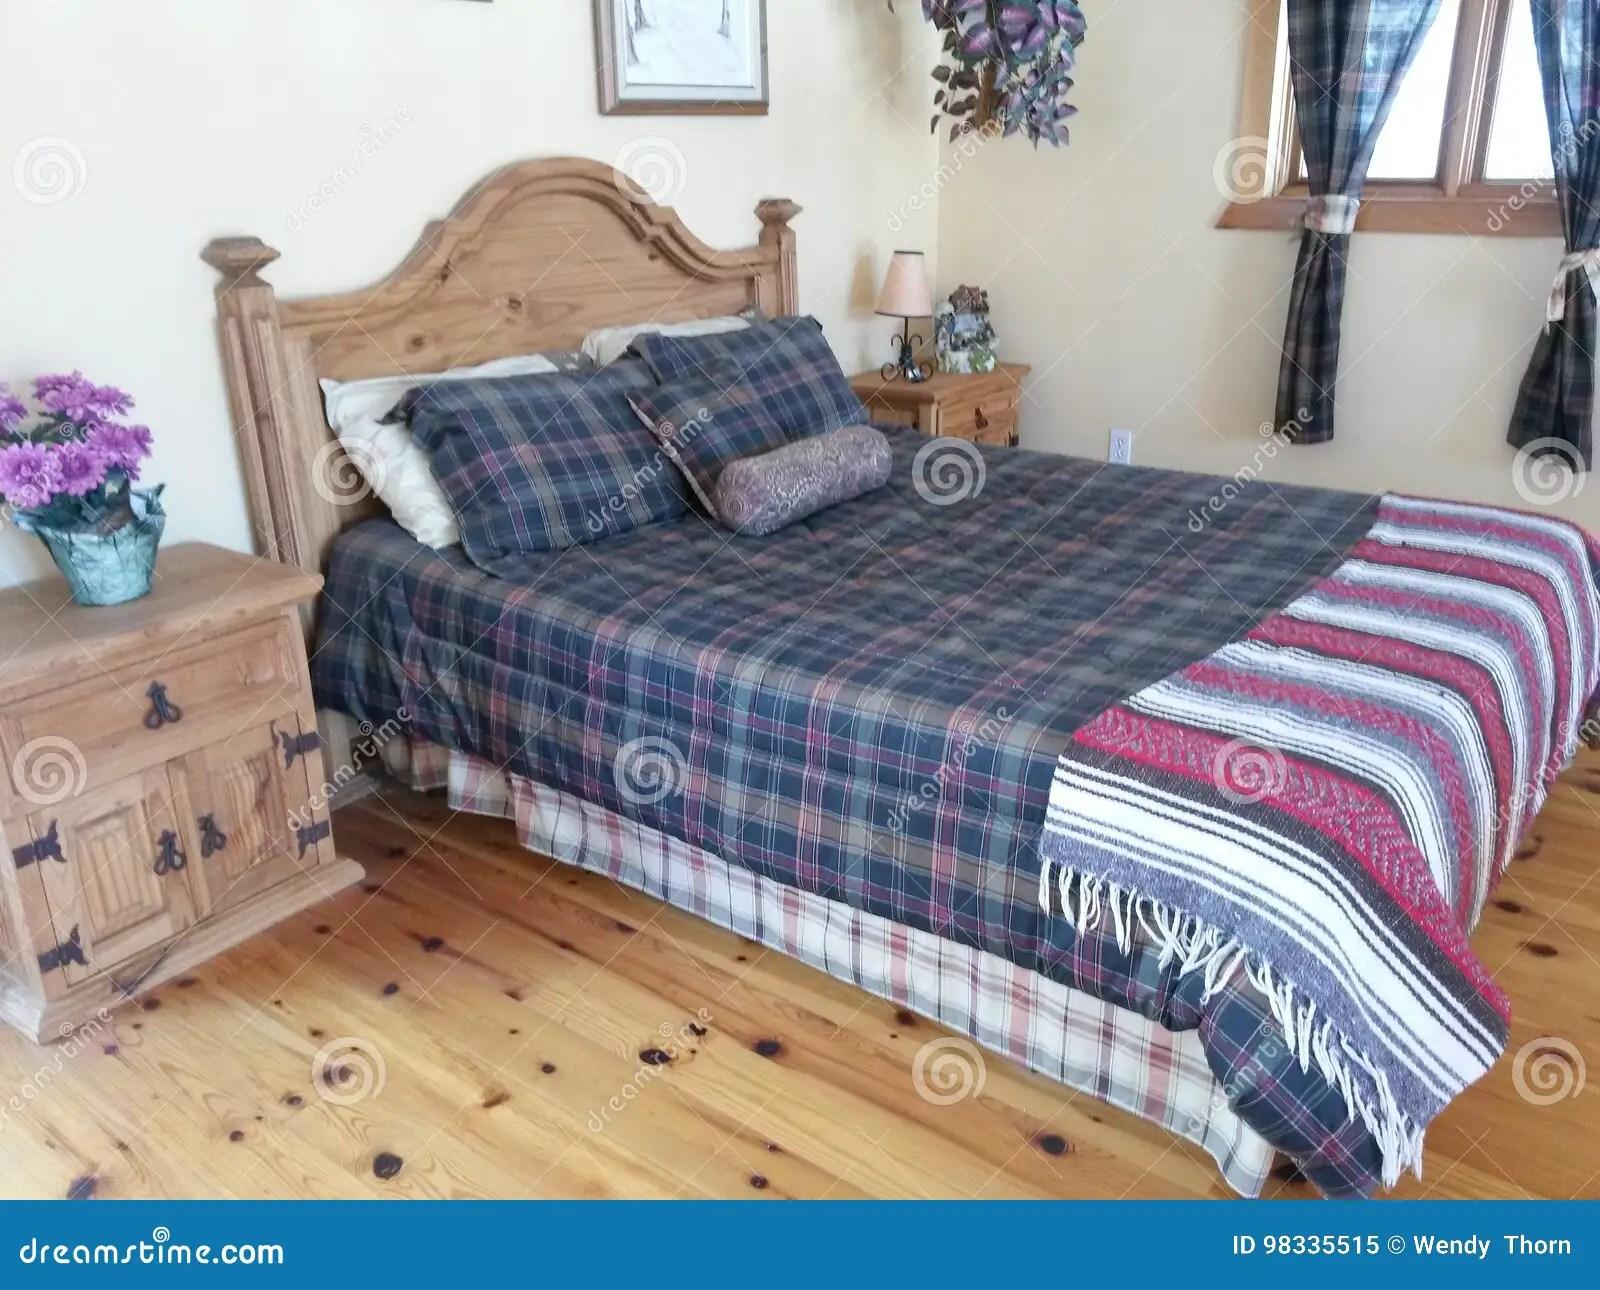 planchers modernes de lit en bois